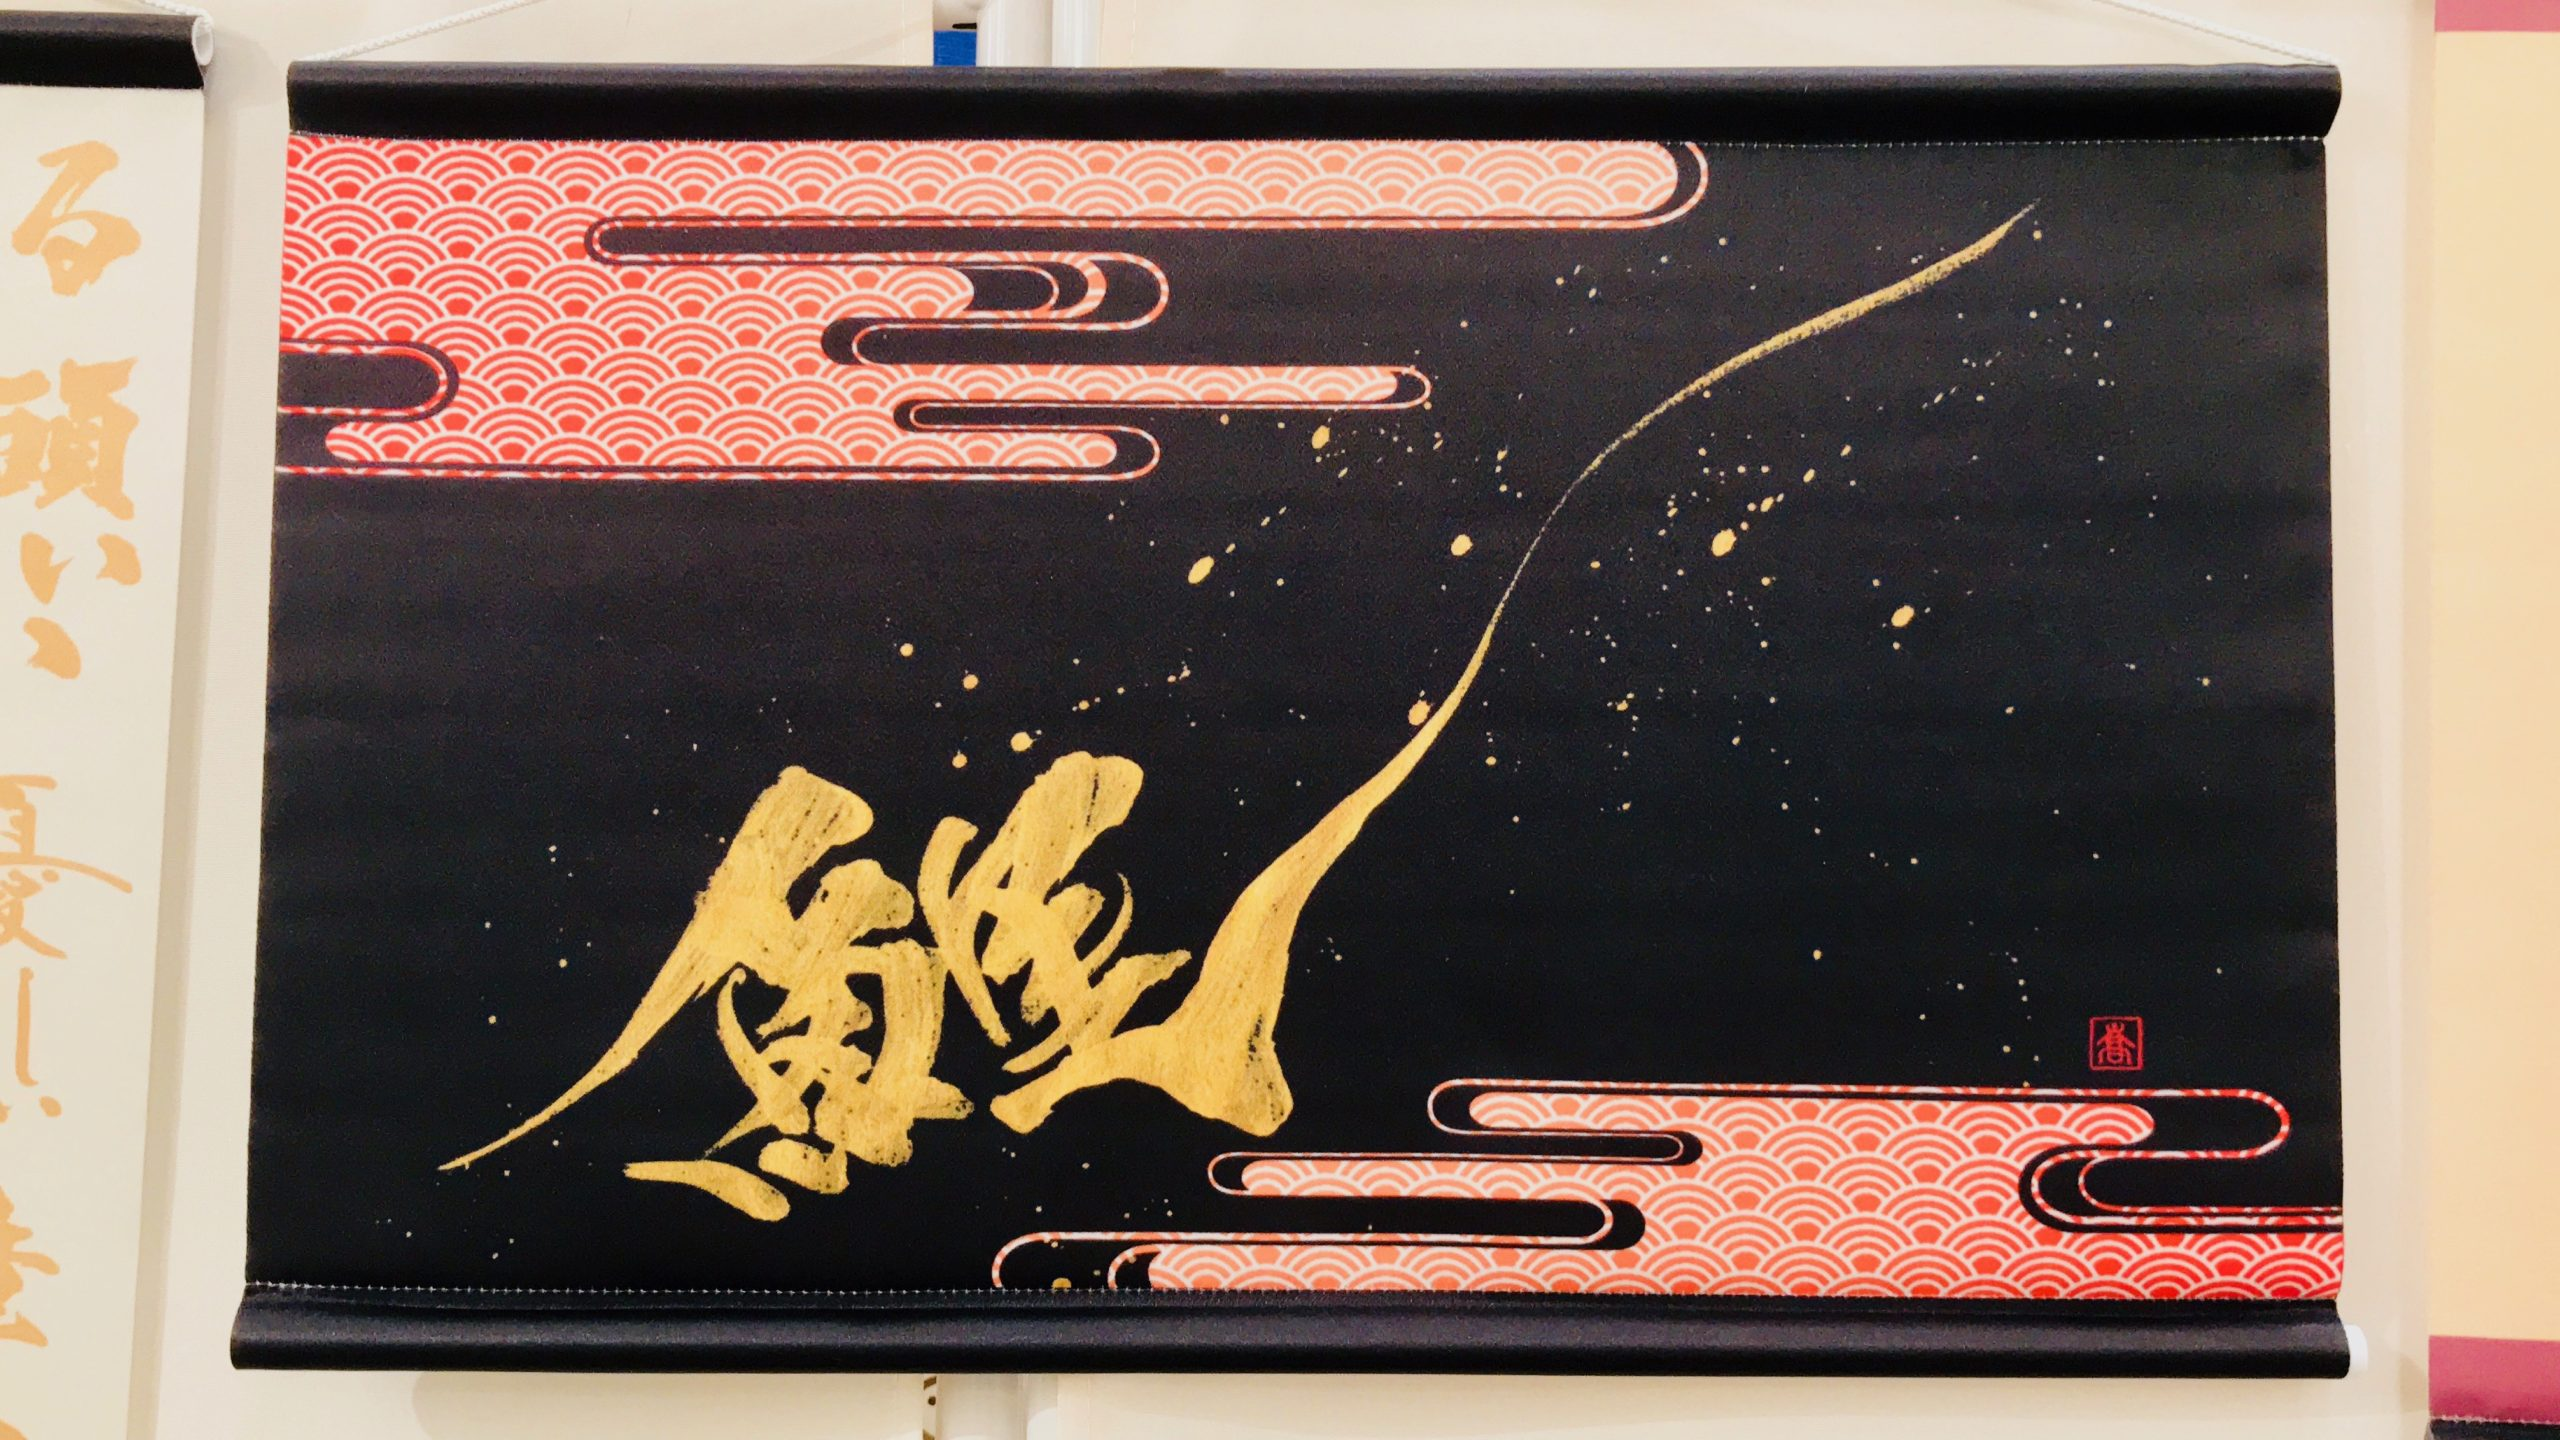 2020年10月8日(水)から14日(水)までの期間、福岡市のキャナルシティ博多内にあるAMA POPで書家「蒼喬」さんの作品展示会「水底と月影」が開催されます。